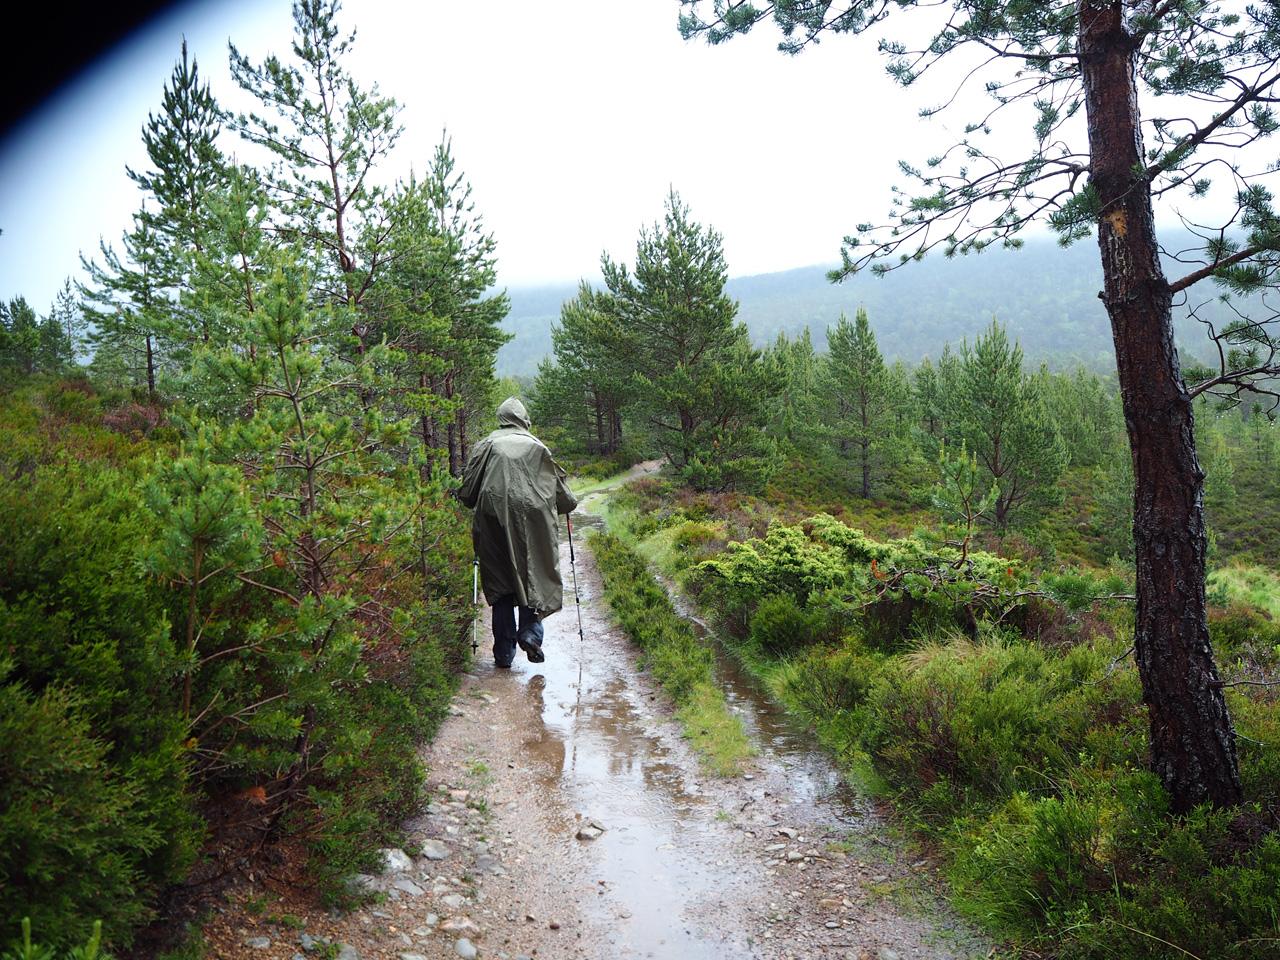 het wandelpad door Inshriach Nature Reserve